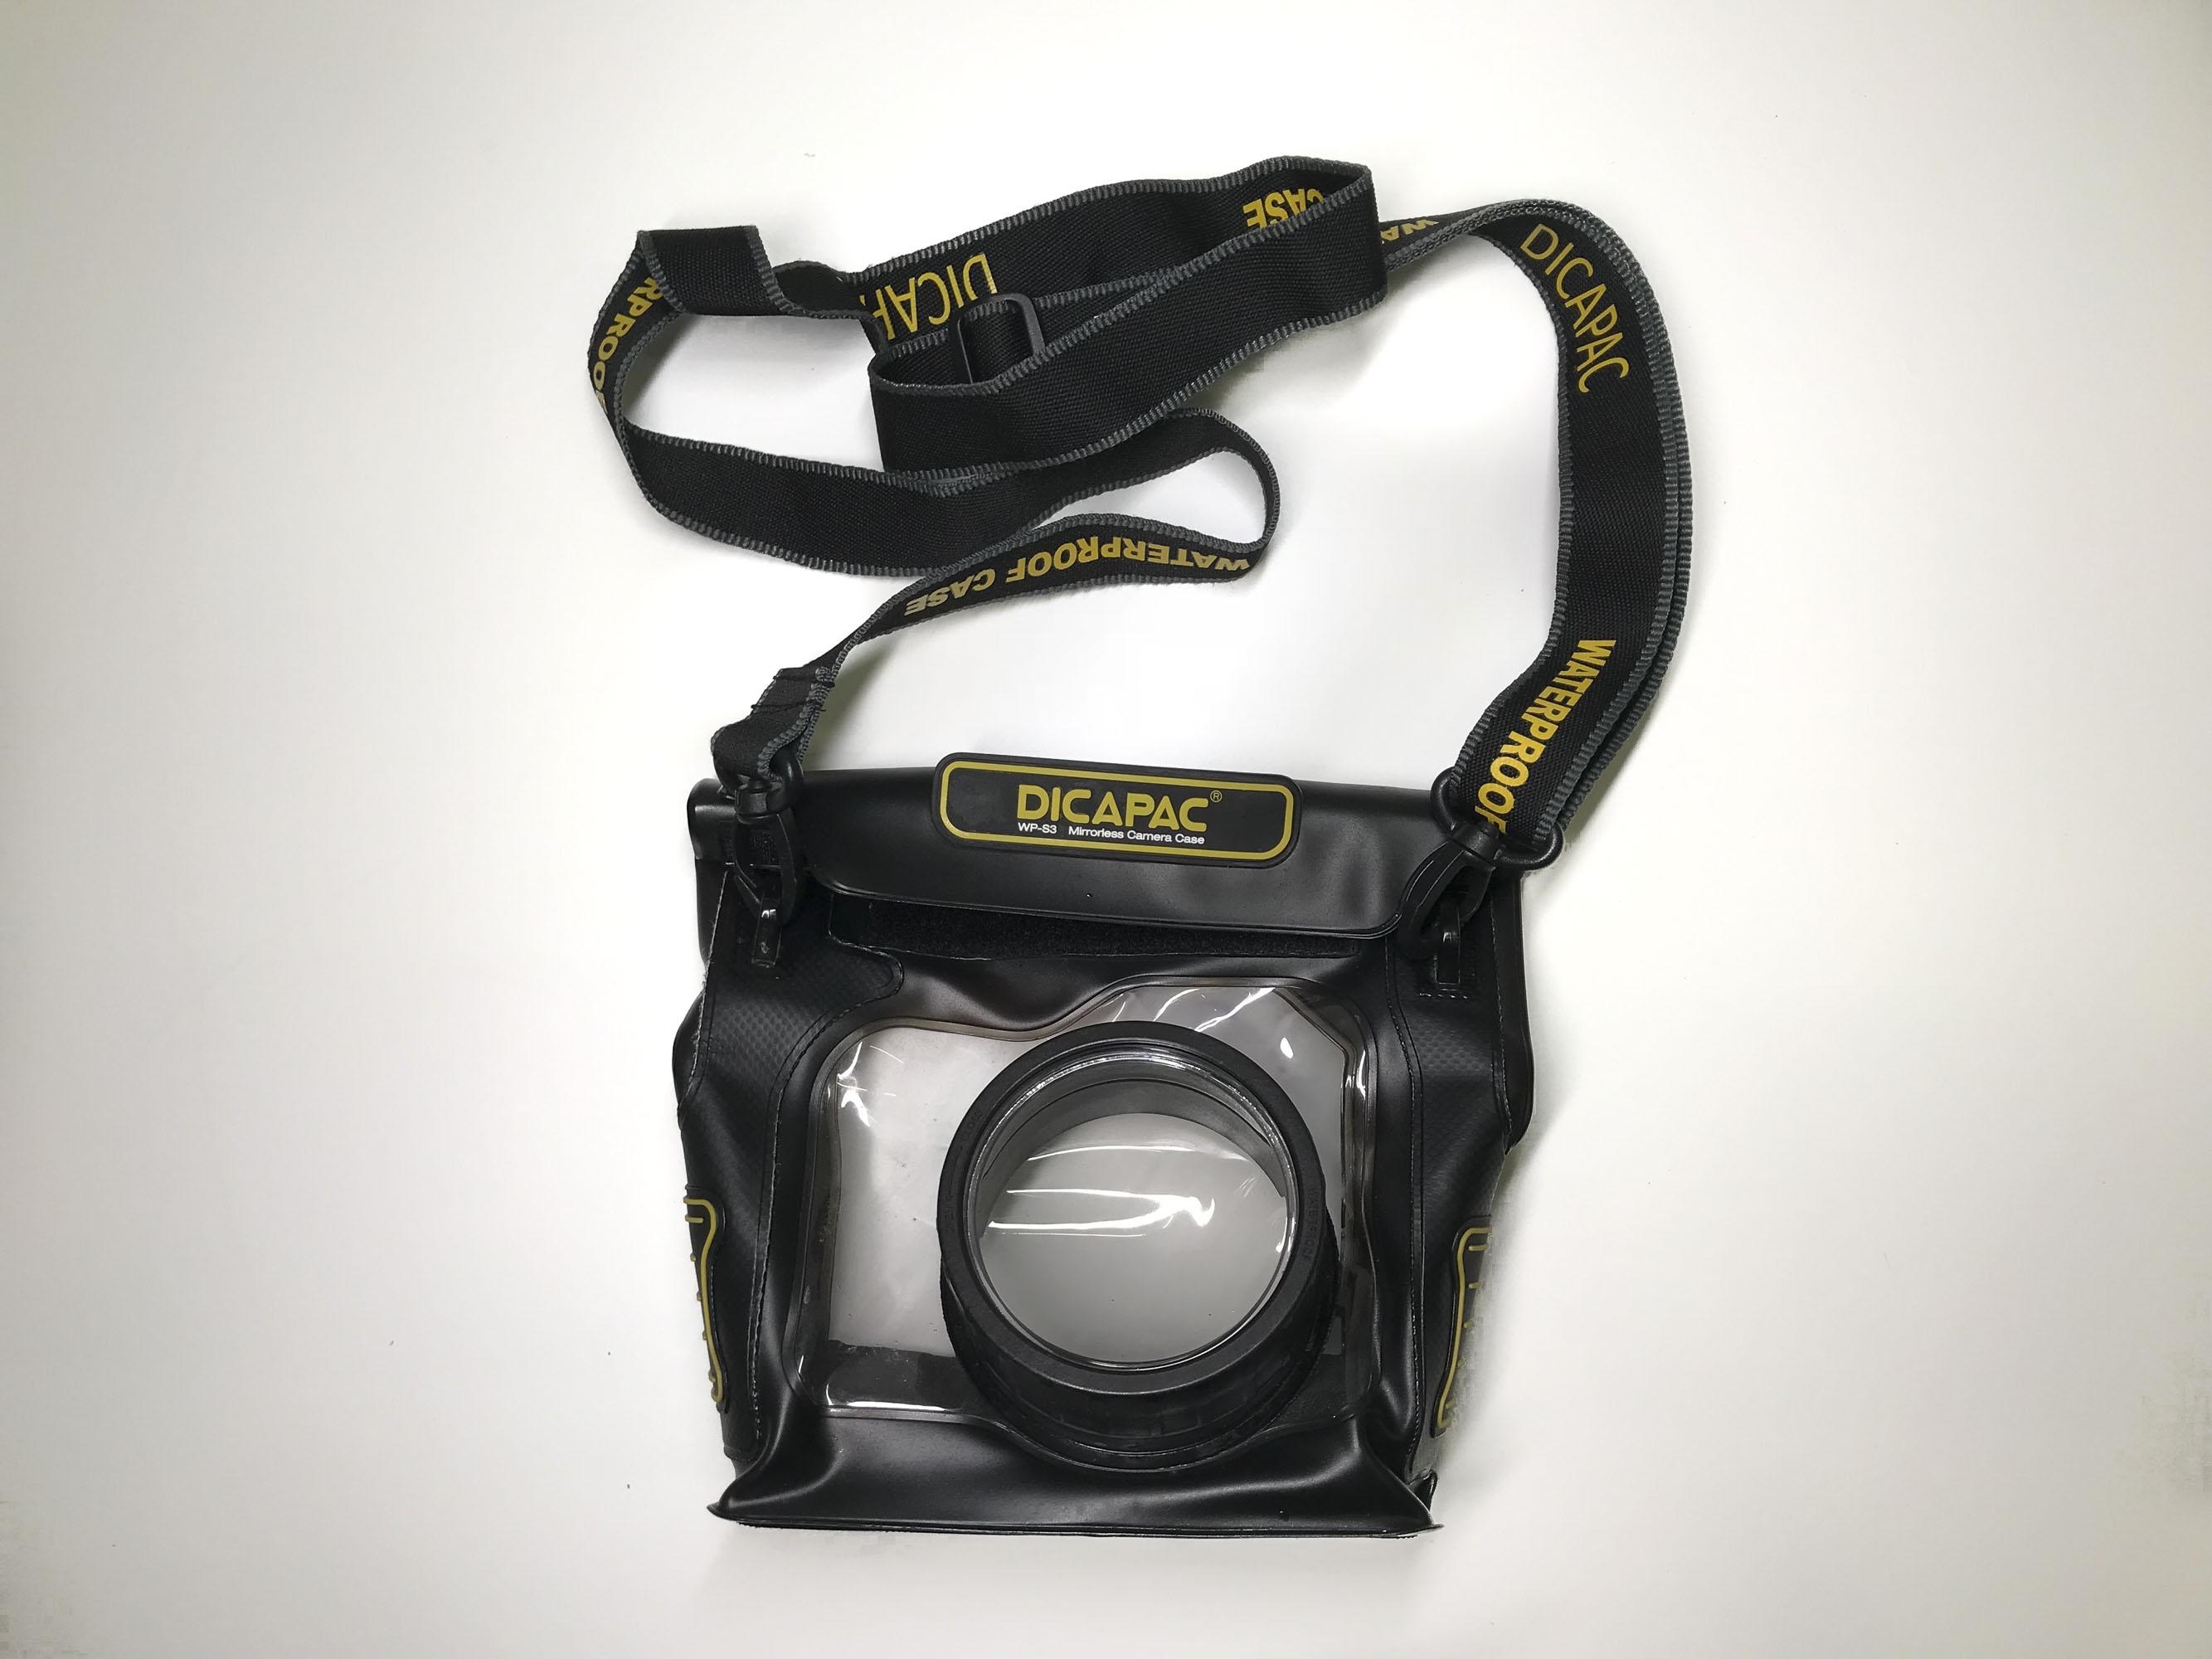 Underwater camera case Dicapac fujifilm